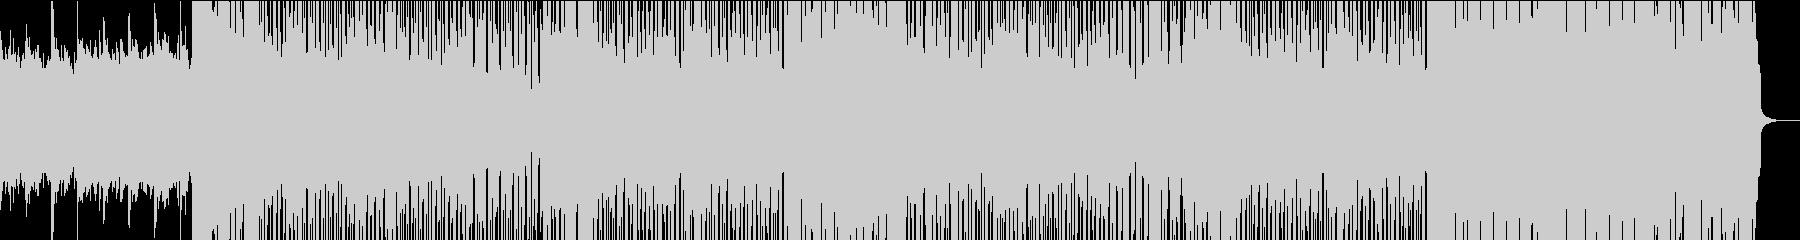 ポップでかわいくて軽快なガールズバンドbの未再生の波形